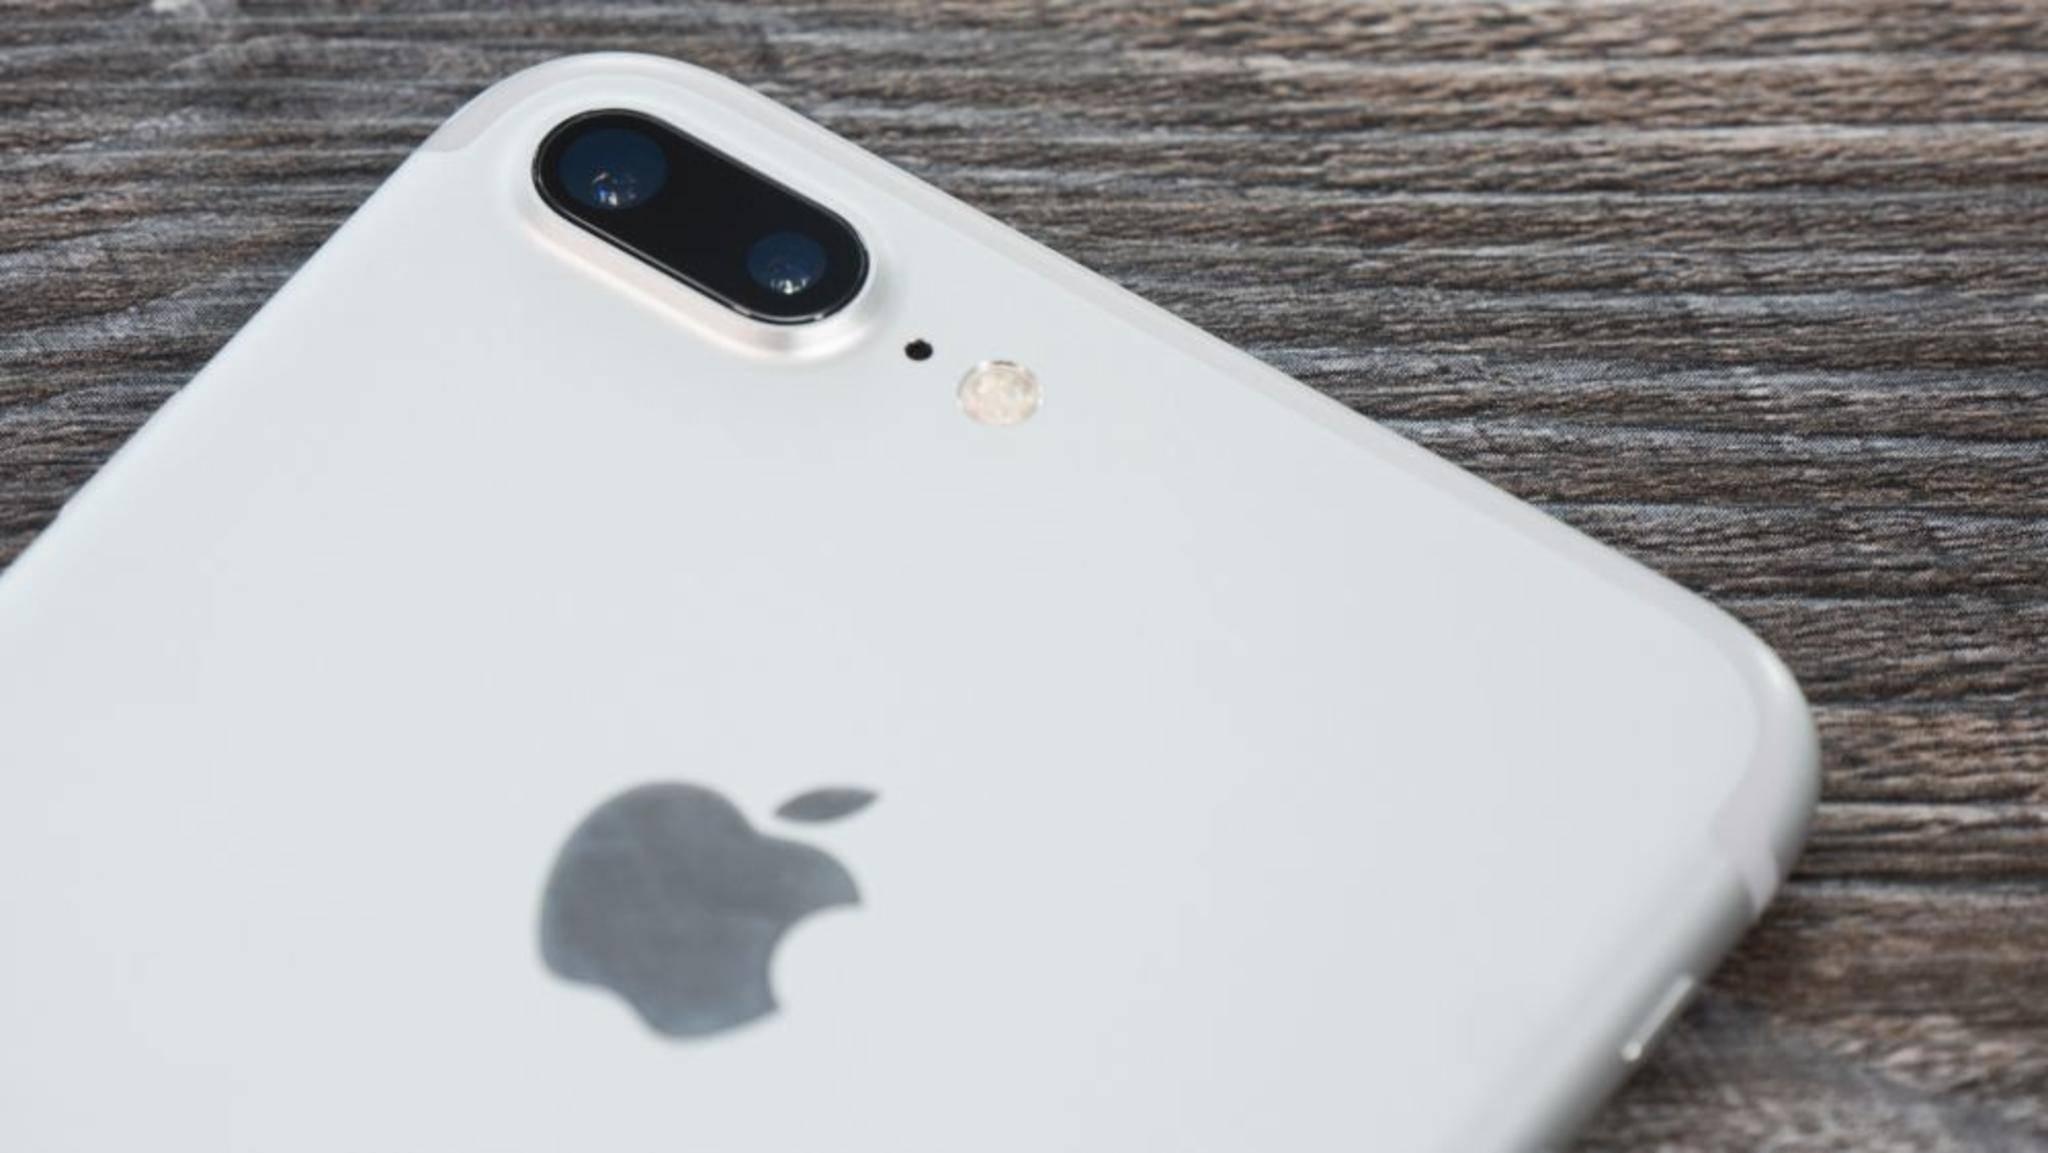 Das iPhone 7 Plus war das erste Apple-Smartphone mit Dual-Kamera.